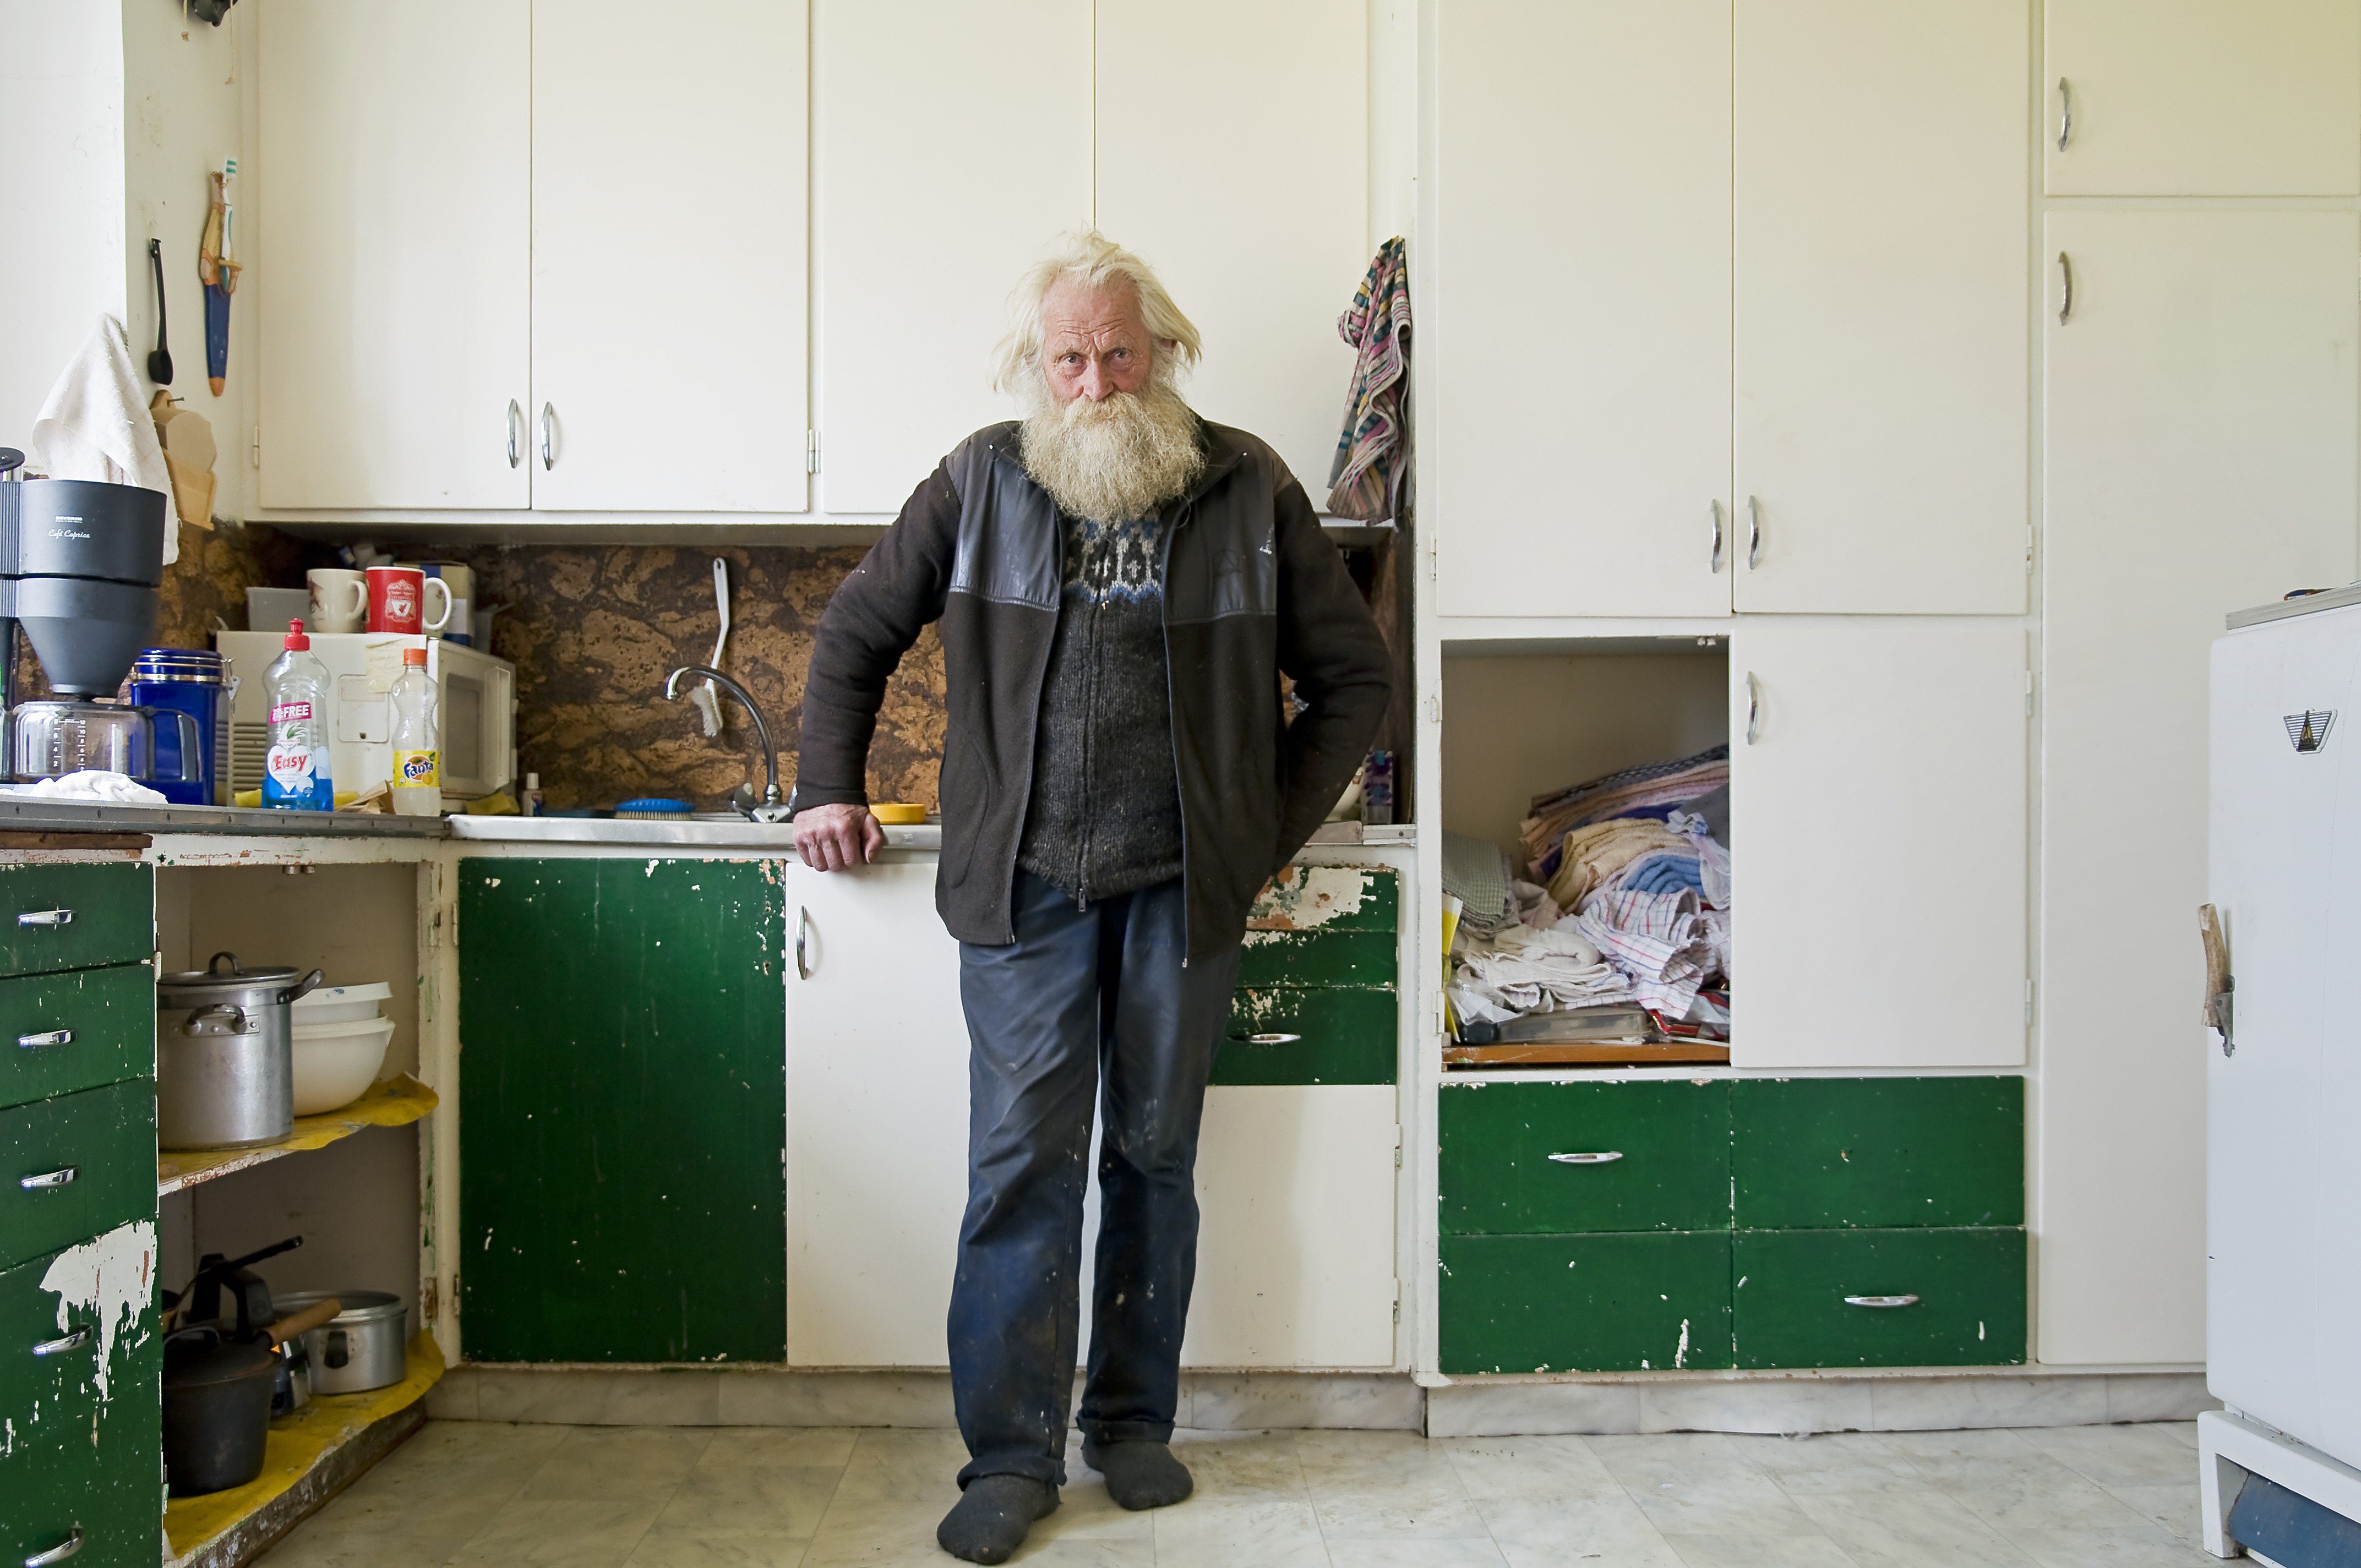 Bärtiger Mann in Küche